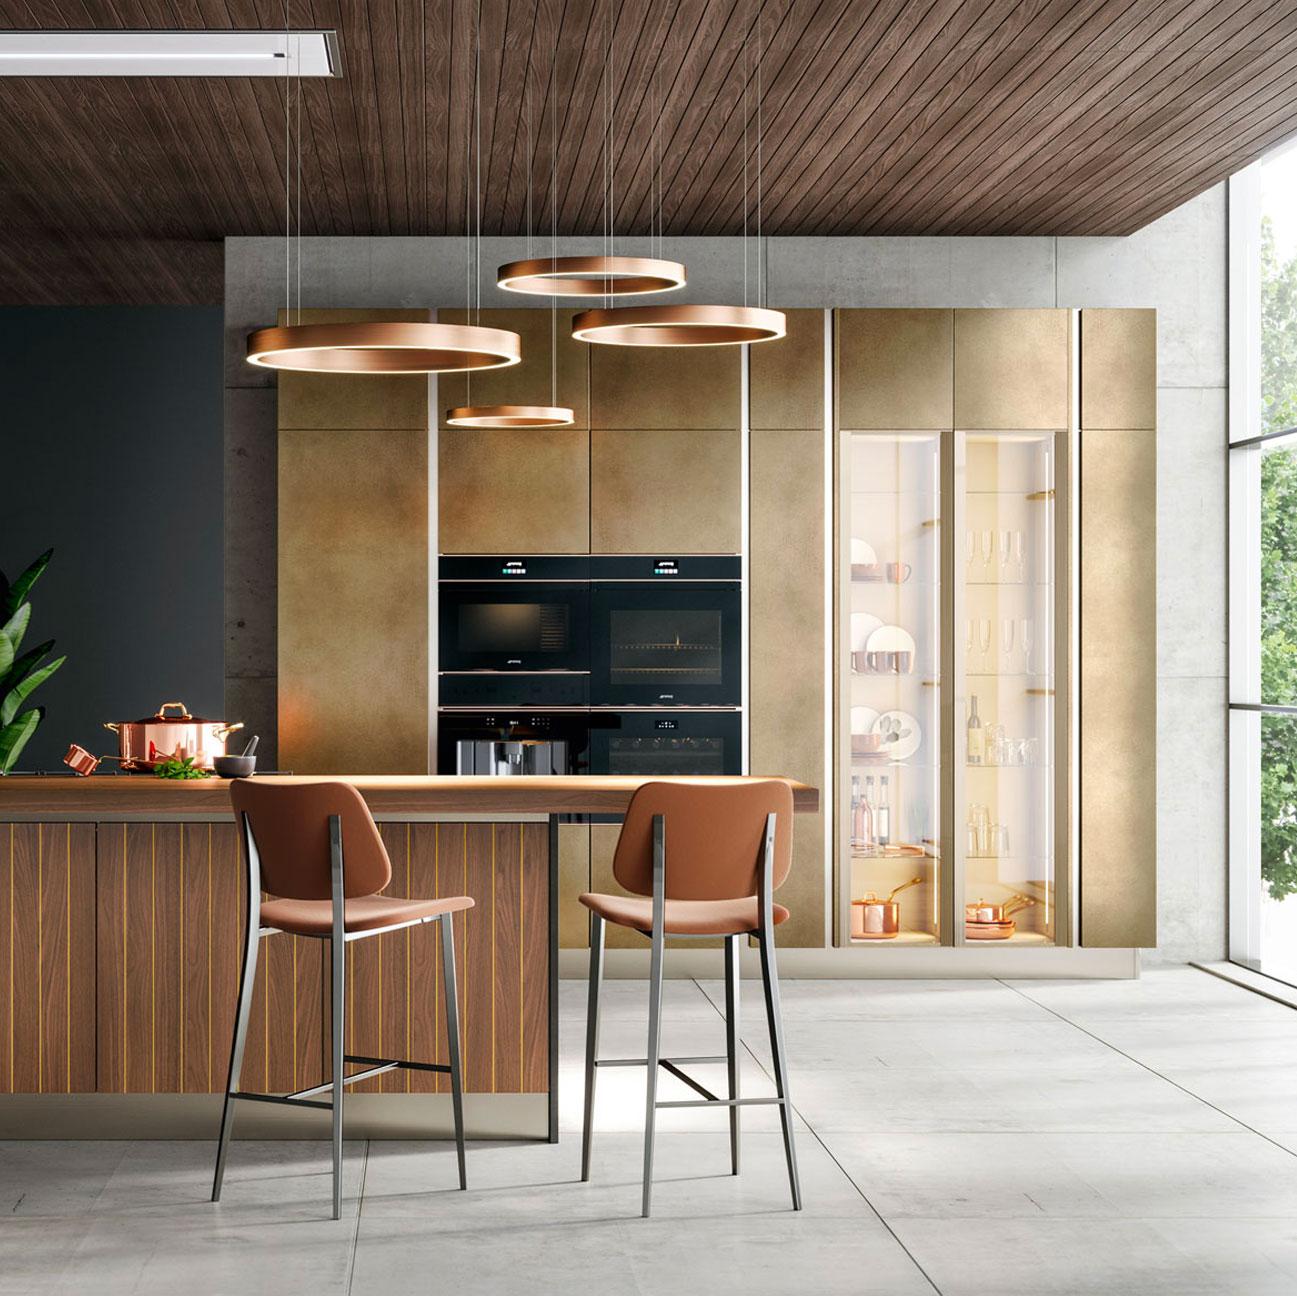 cucine-lube-moderne-arredamento-cucine-centro-cucine-lube-velletri-lariano-valmontone-artena-negozio-arredamento